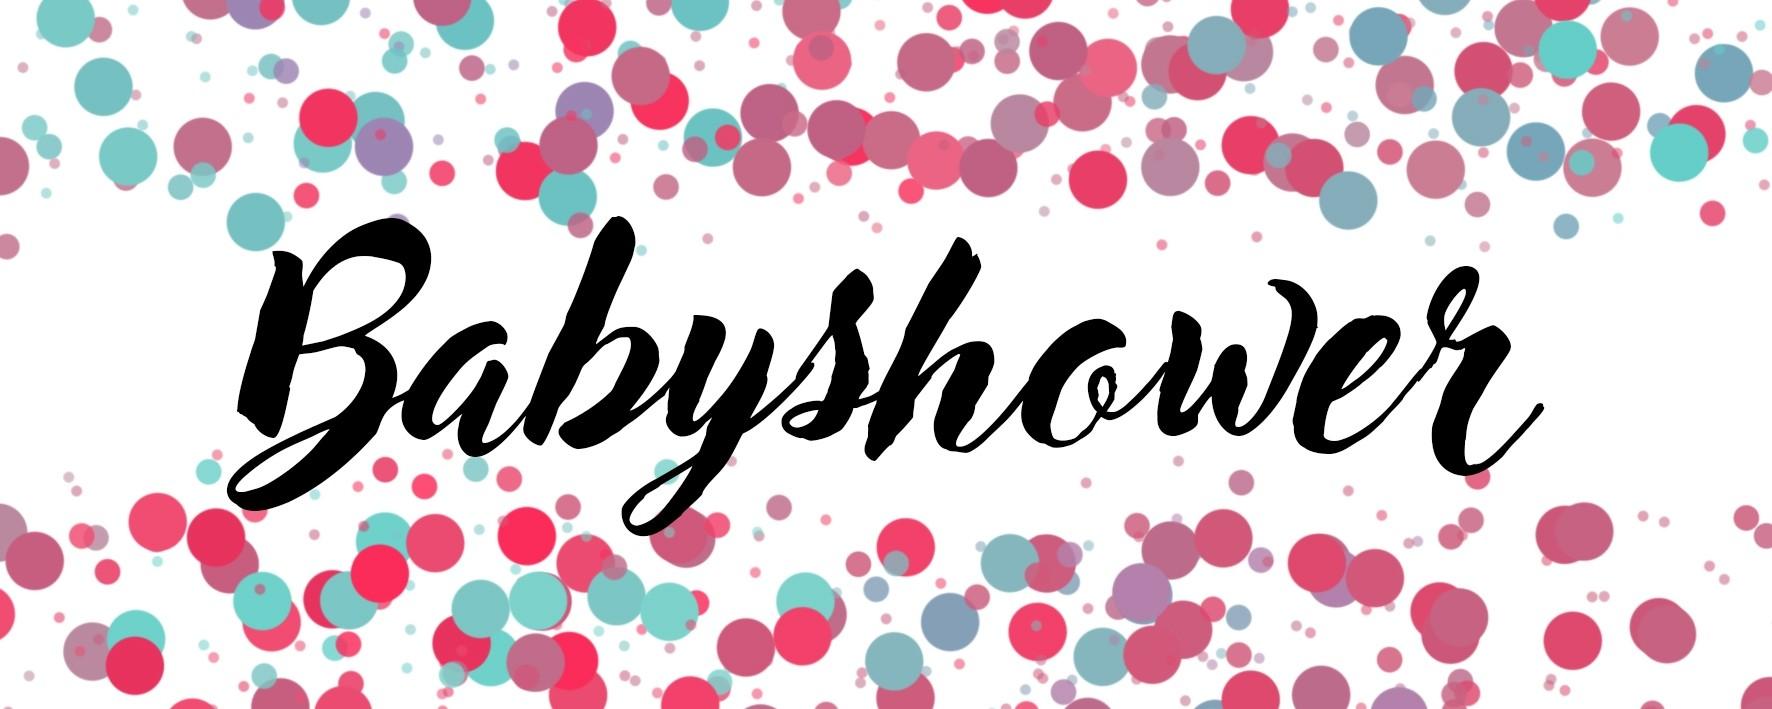 Zeer Babyshower tips | Denderz.nl #VN21